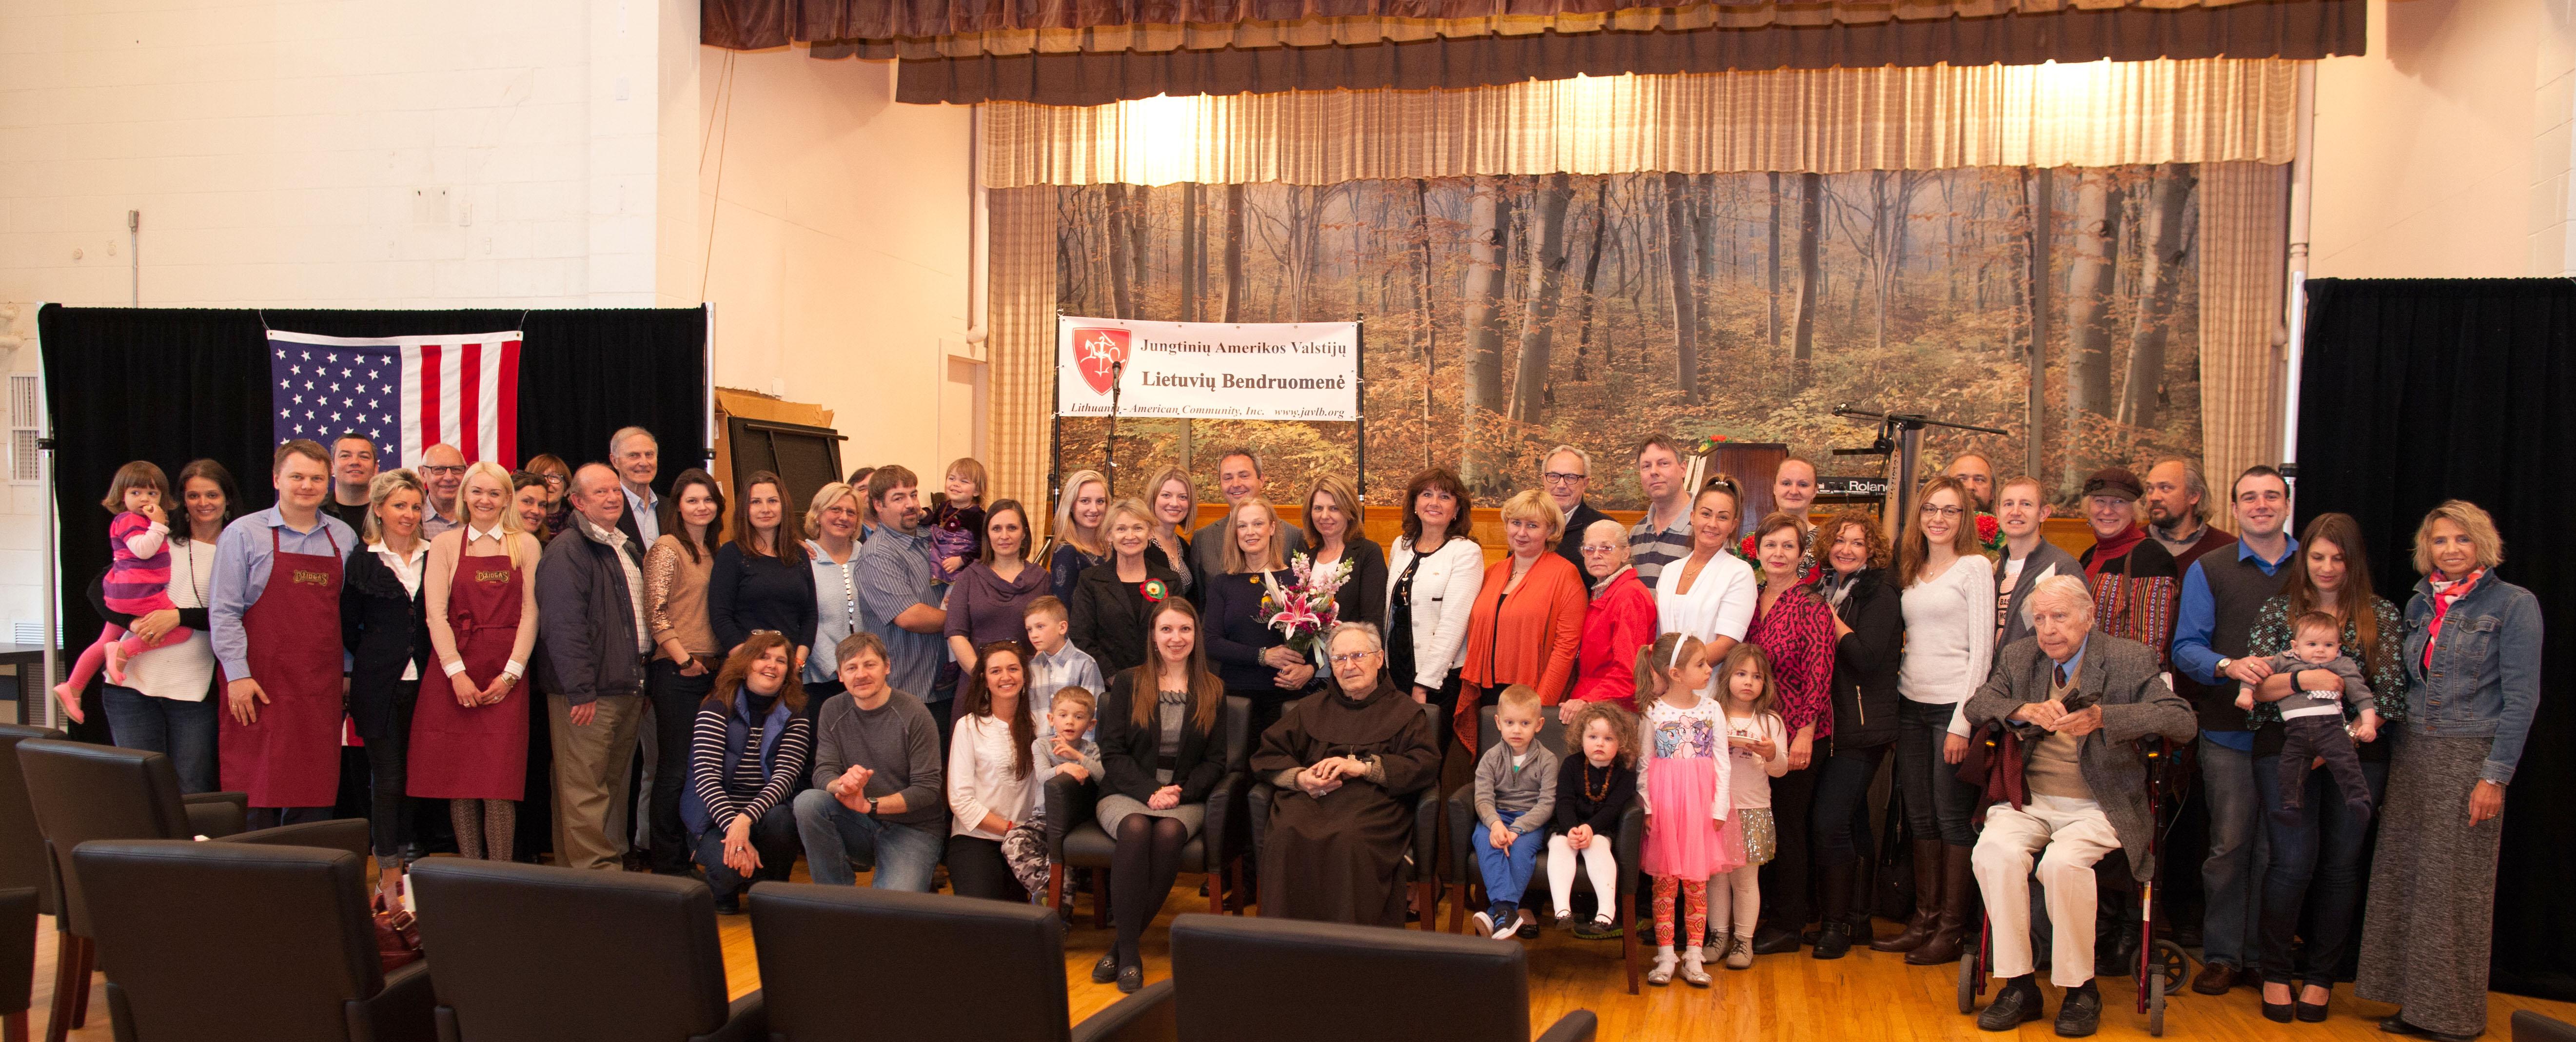 """Į naujos JAV LB apylinkės """"Atlantas"""" steigimo šventę gausiai susirinko lietuviai ir garbės svečiai iš Maine ir aplinkinių valstijų."""